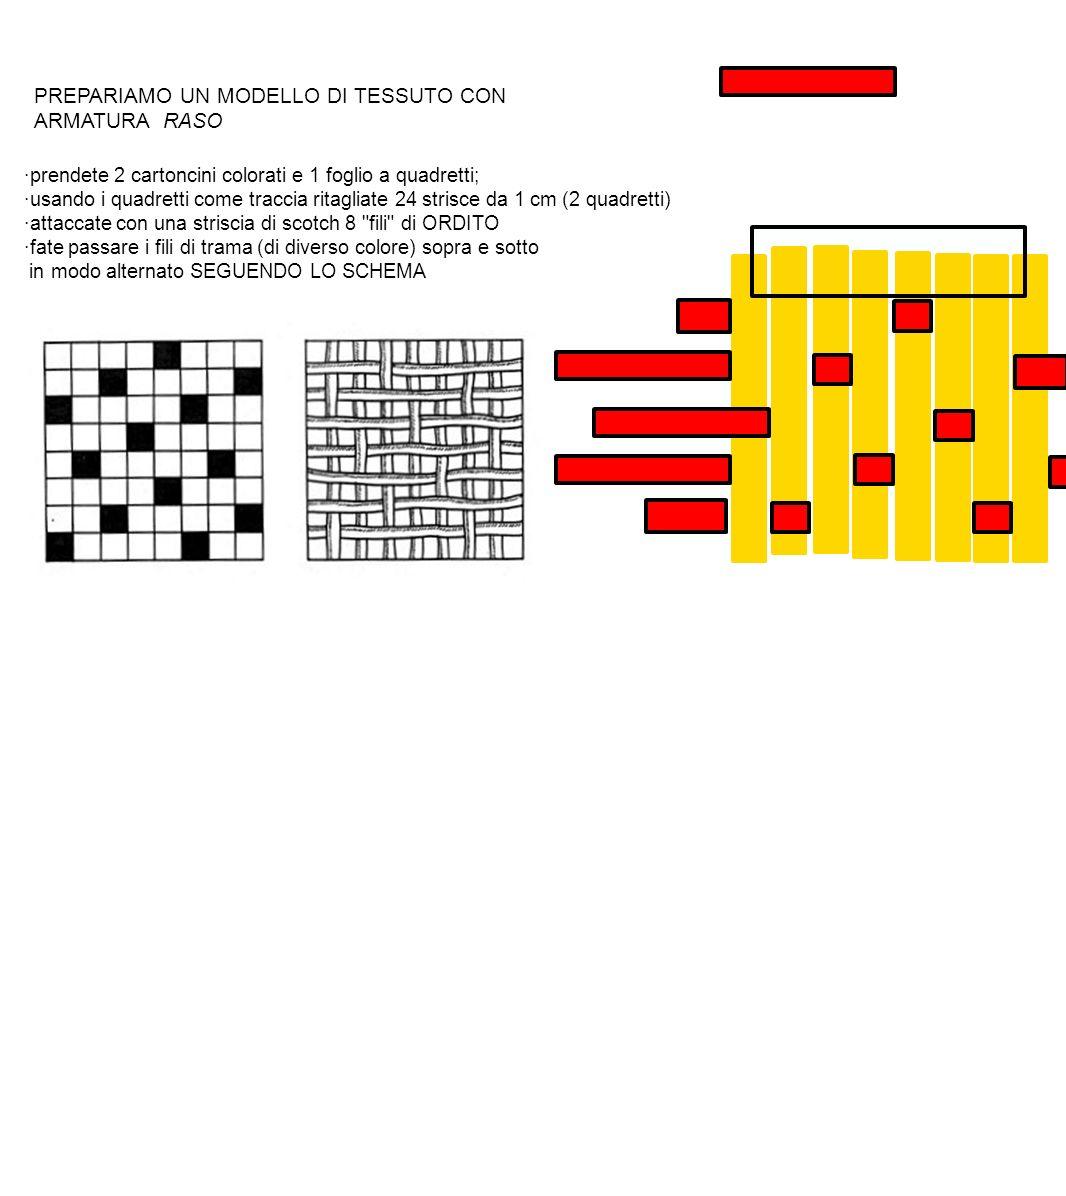 PREPARIAMO UN MODELLO DI TESSUTO CON ARMATURA RASO ·prendete 2 cartoncini colorati e 1 foglio a quadretti; ·usando i quadretti come traccia ritagliate